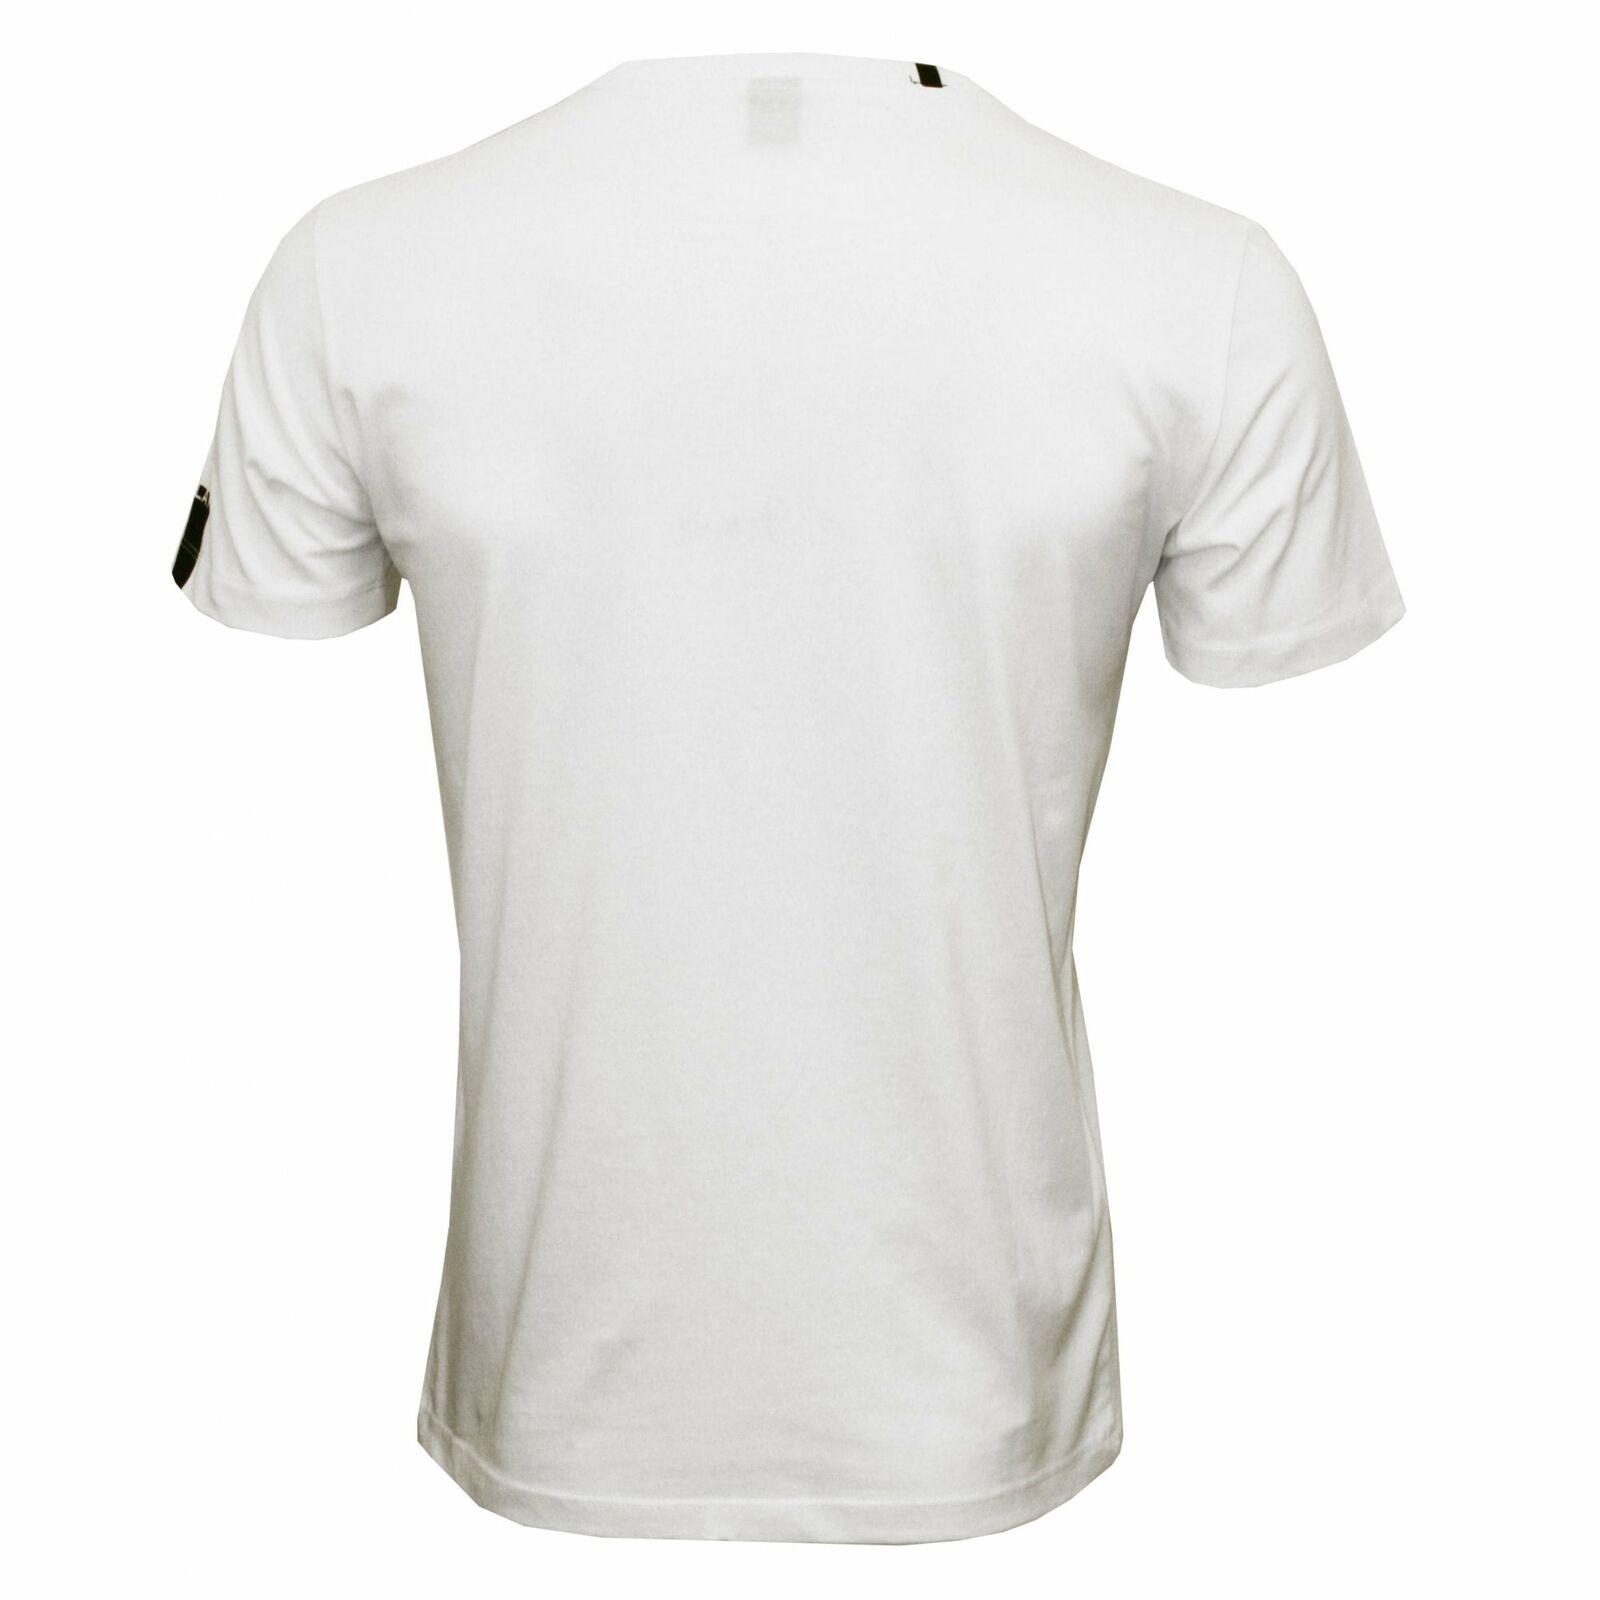 T-Shirt da uomo con stampa casco da moto Replay, Replay, Replay, bianco 601158